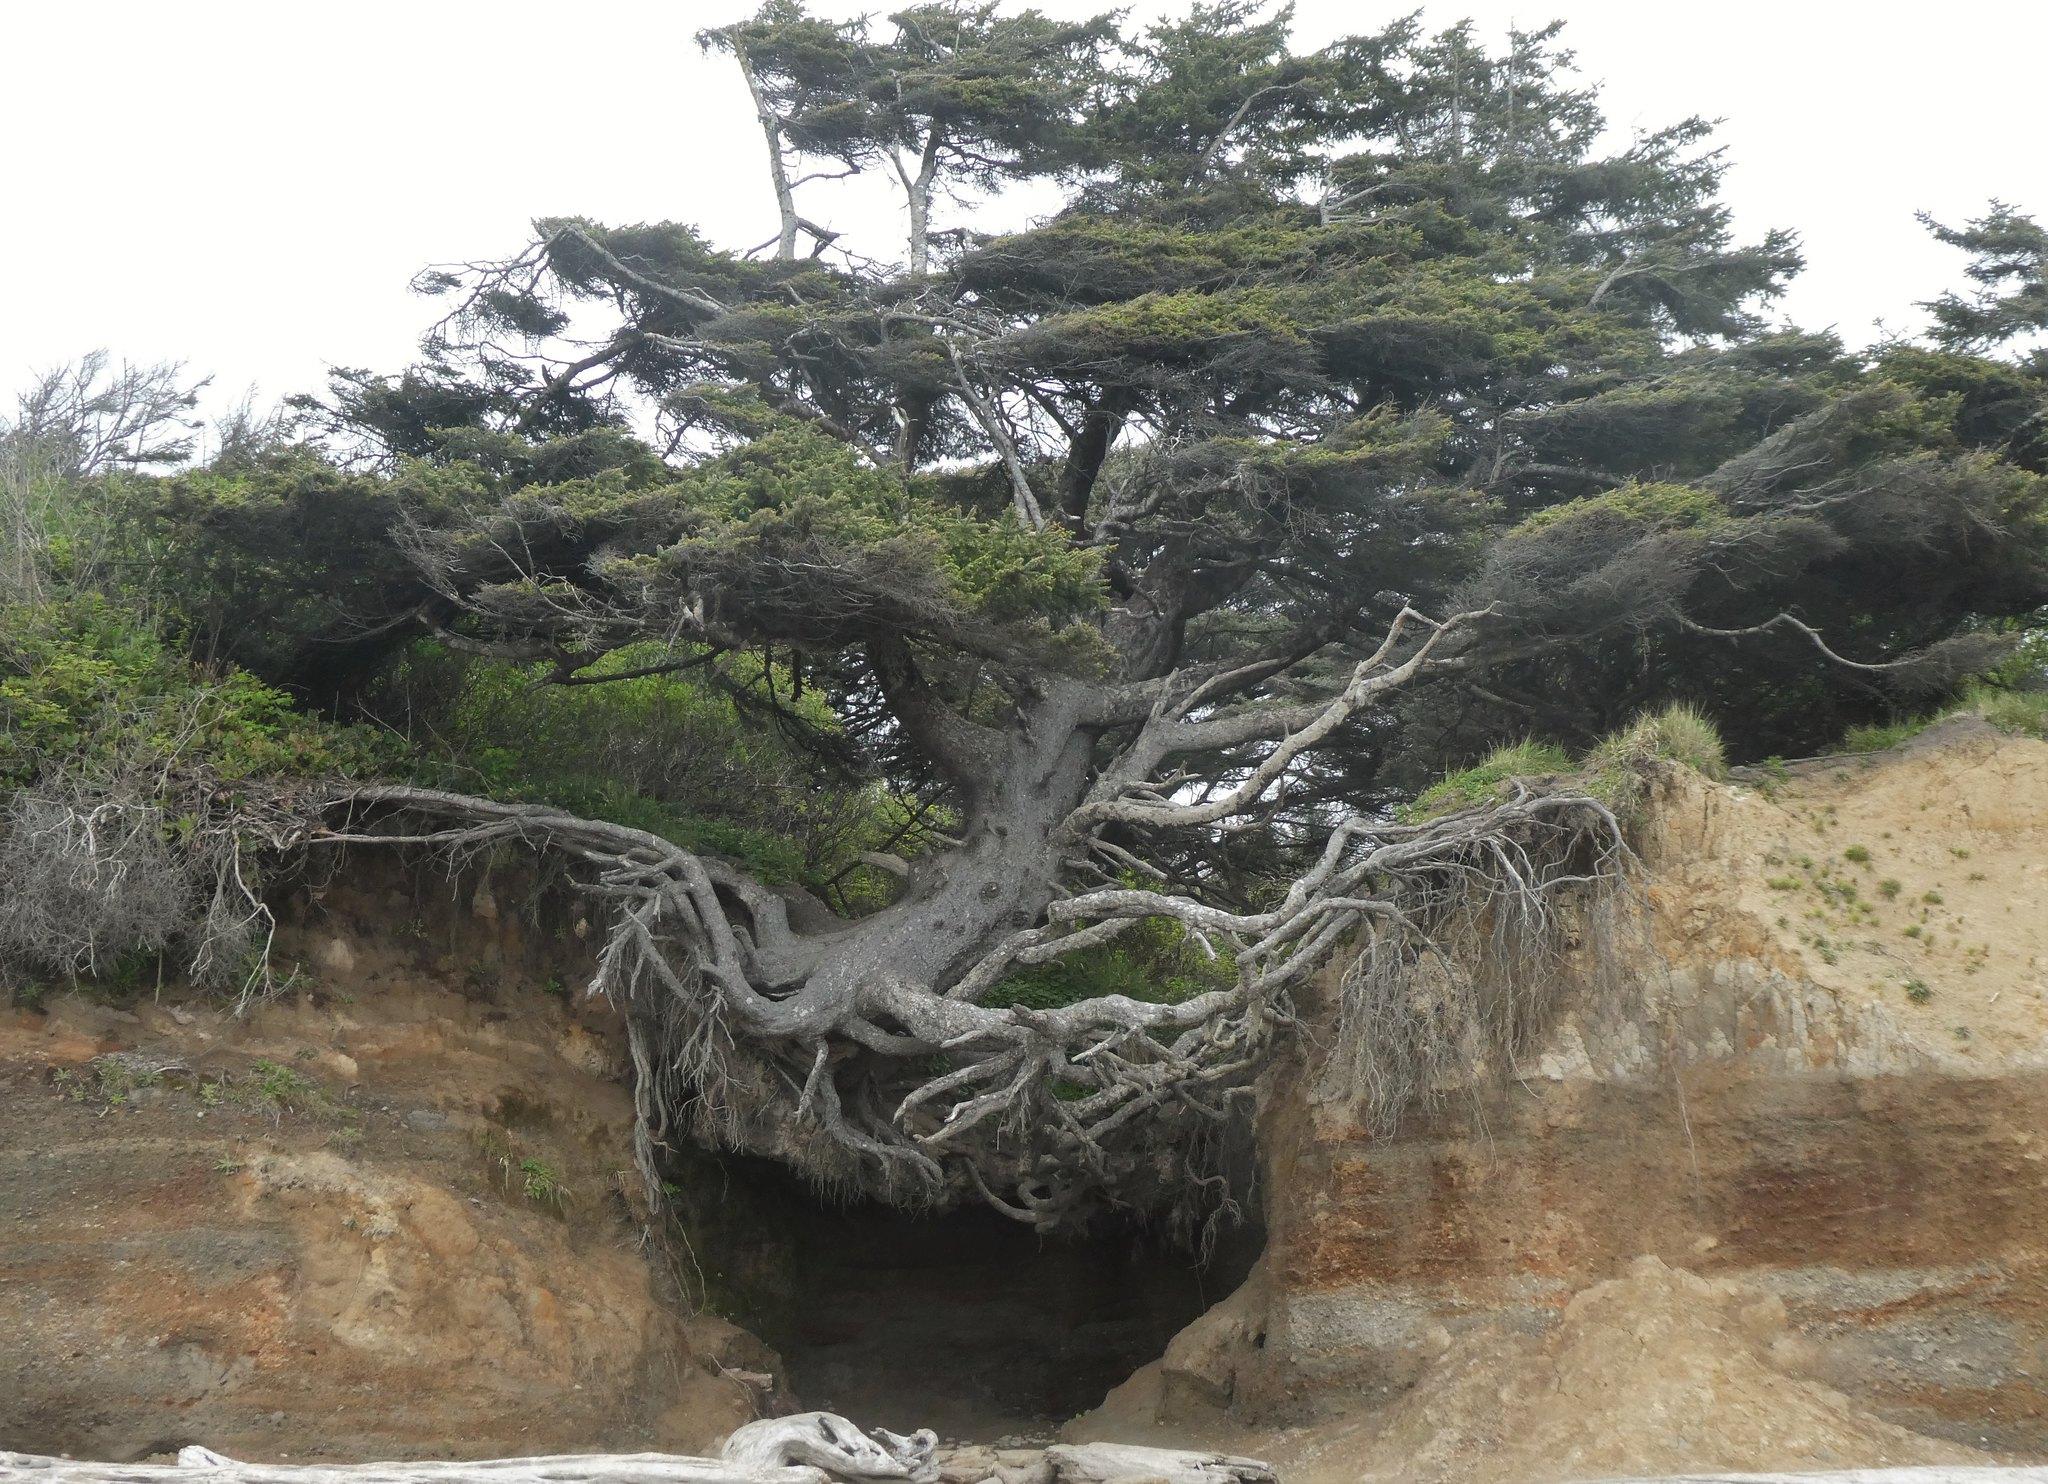 The Tree of Life di Kalaloch, Washington